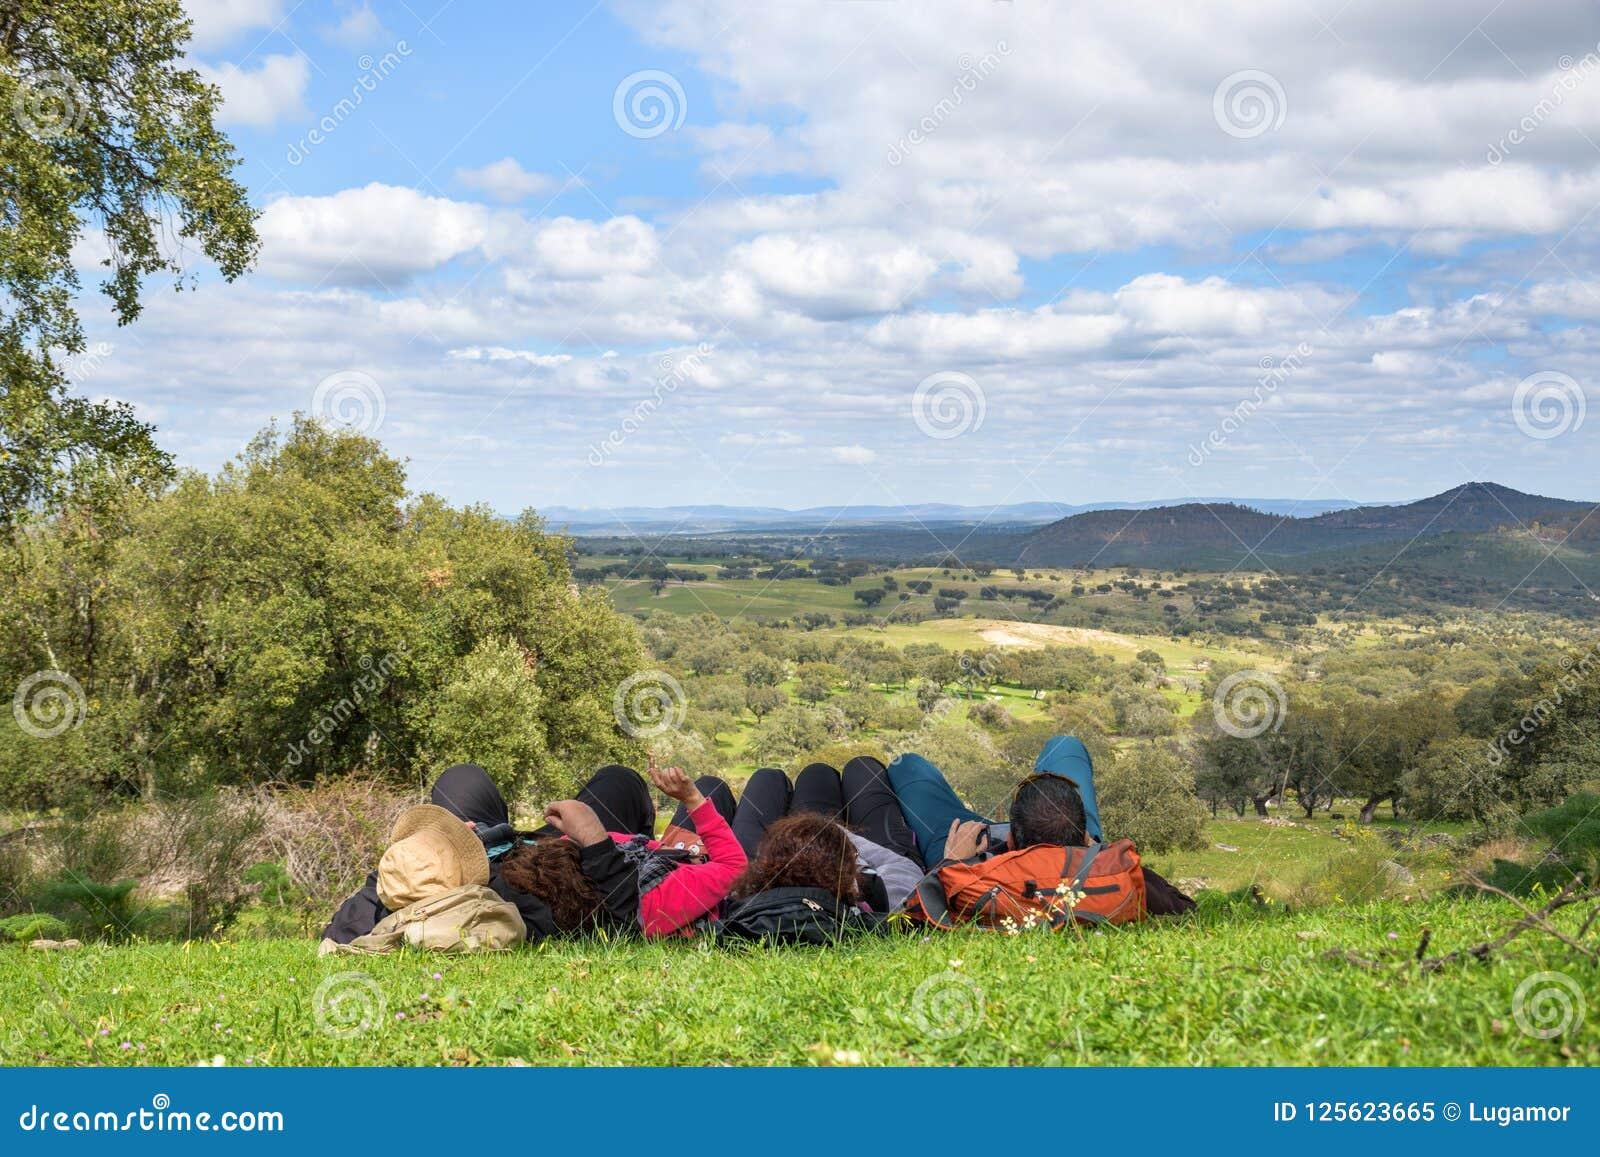 Grupp människor som ligger se ner in mot ängen i skuggan av en ek på en härlig vårdag